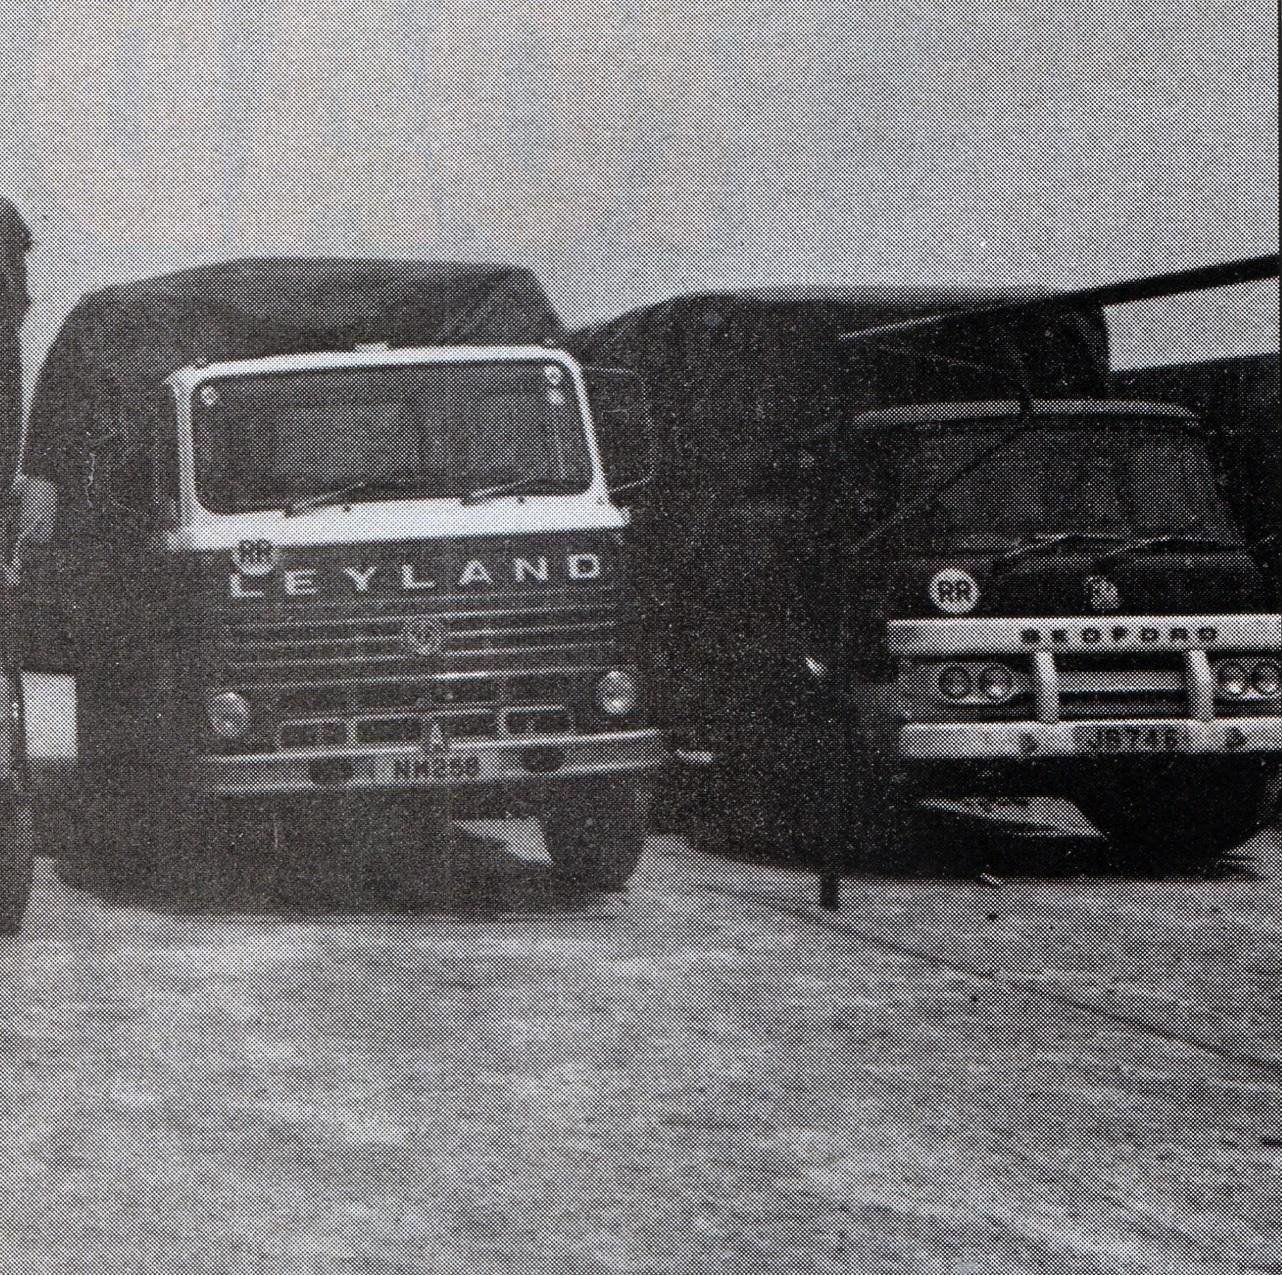 cyprus-leyland-bedford